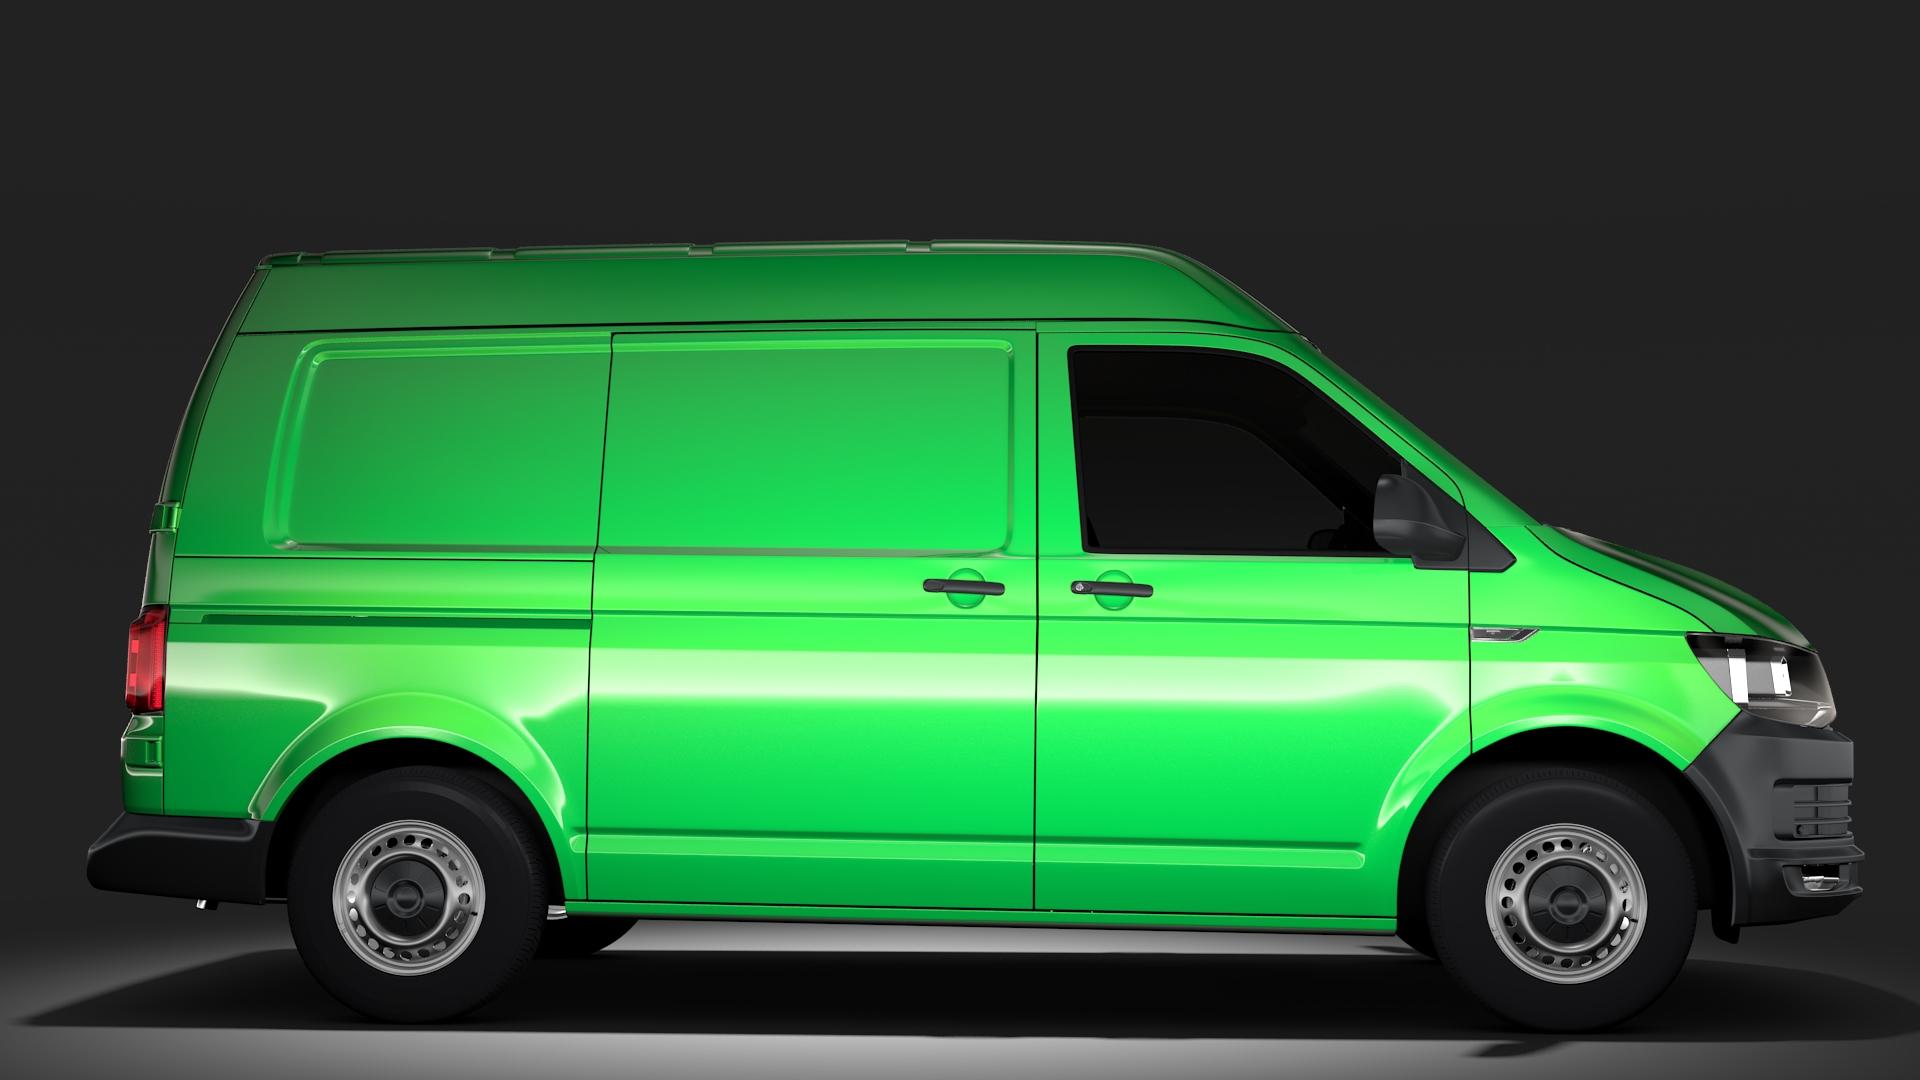 volkswagen transporter van l1h2 t6 2017 3d model max fbx c4d lwo ma mb hrc xsi obj 275154